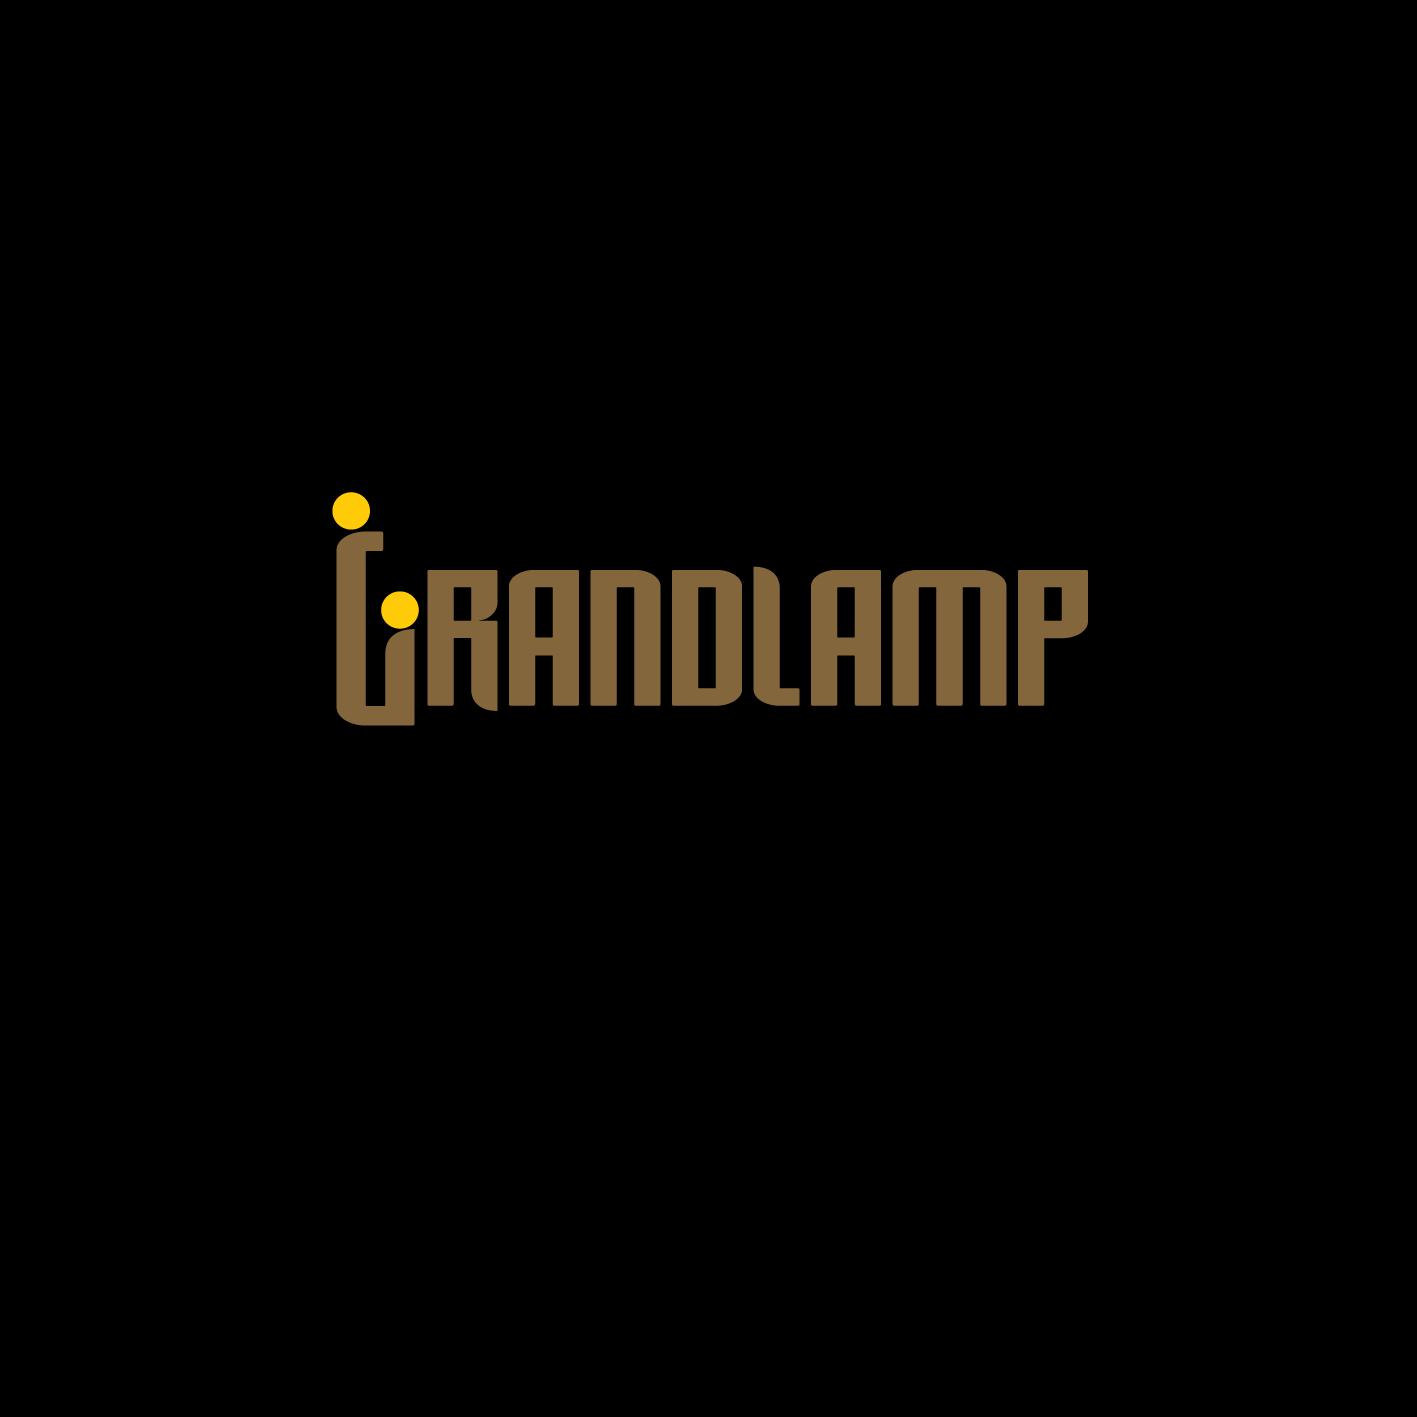 Разработка логотипа и элементов фирменного стиля фото f_14957dd62eae8aaf.png